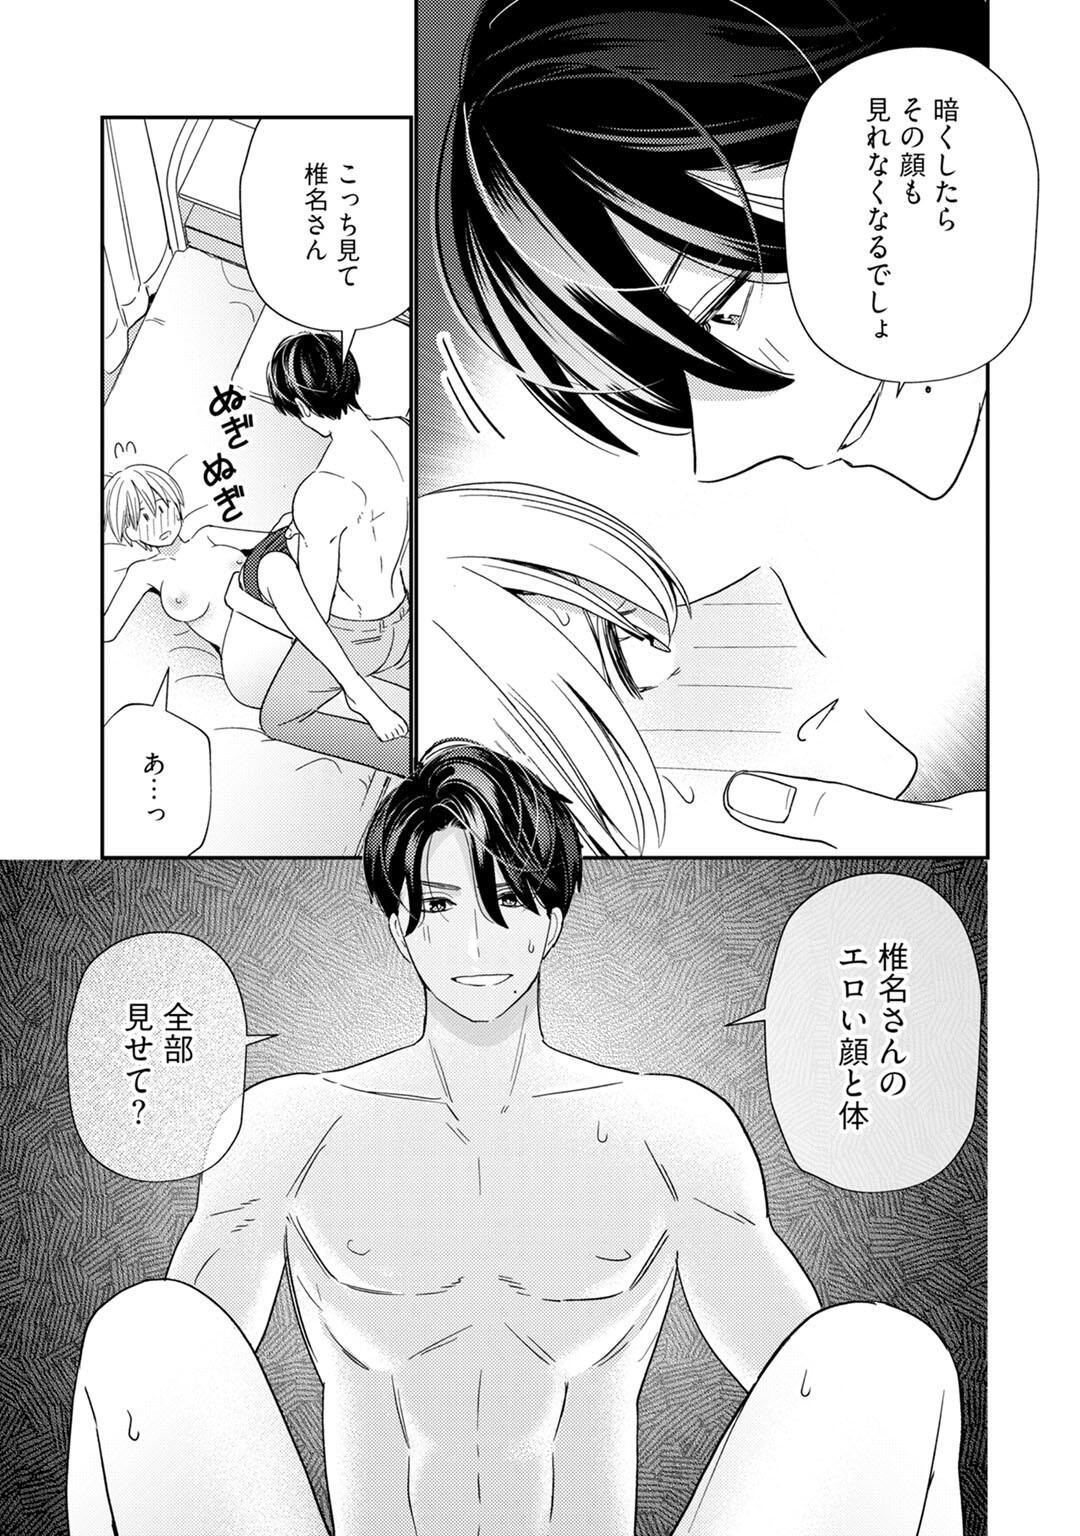 [Okonogi Happa] Kyonyuu-chan to Kyokon Joushi -Kaisha de Musabori Sex- act. 7 22